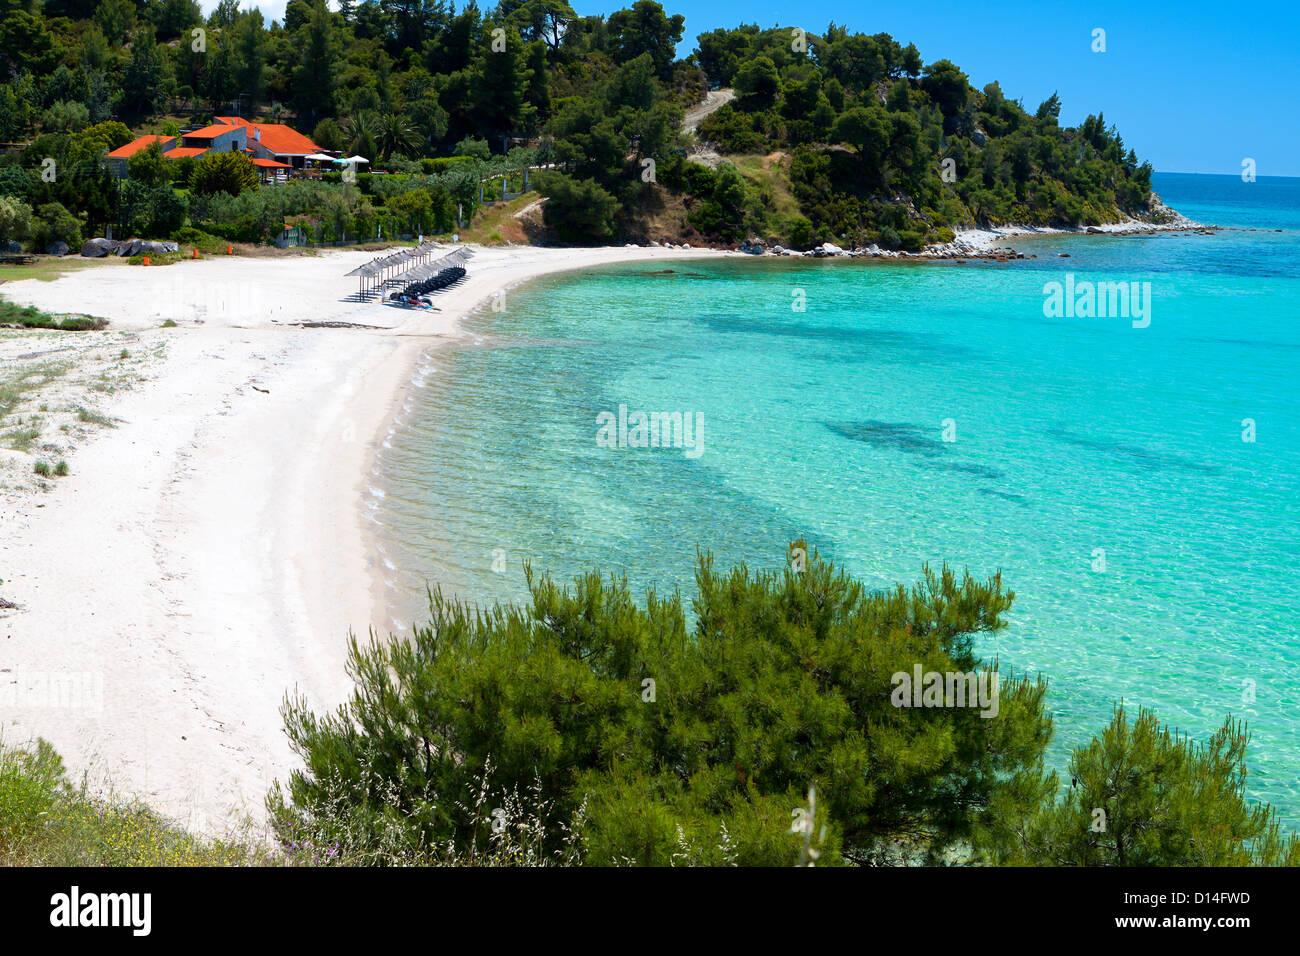 Halbinsel Griechenlands